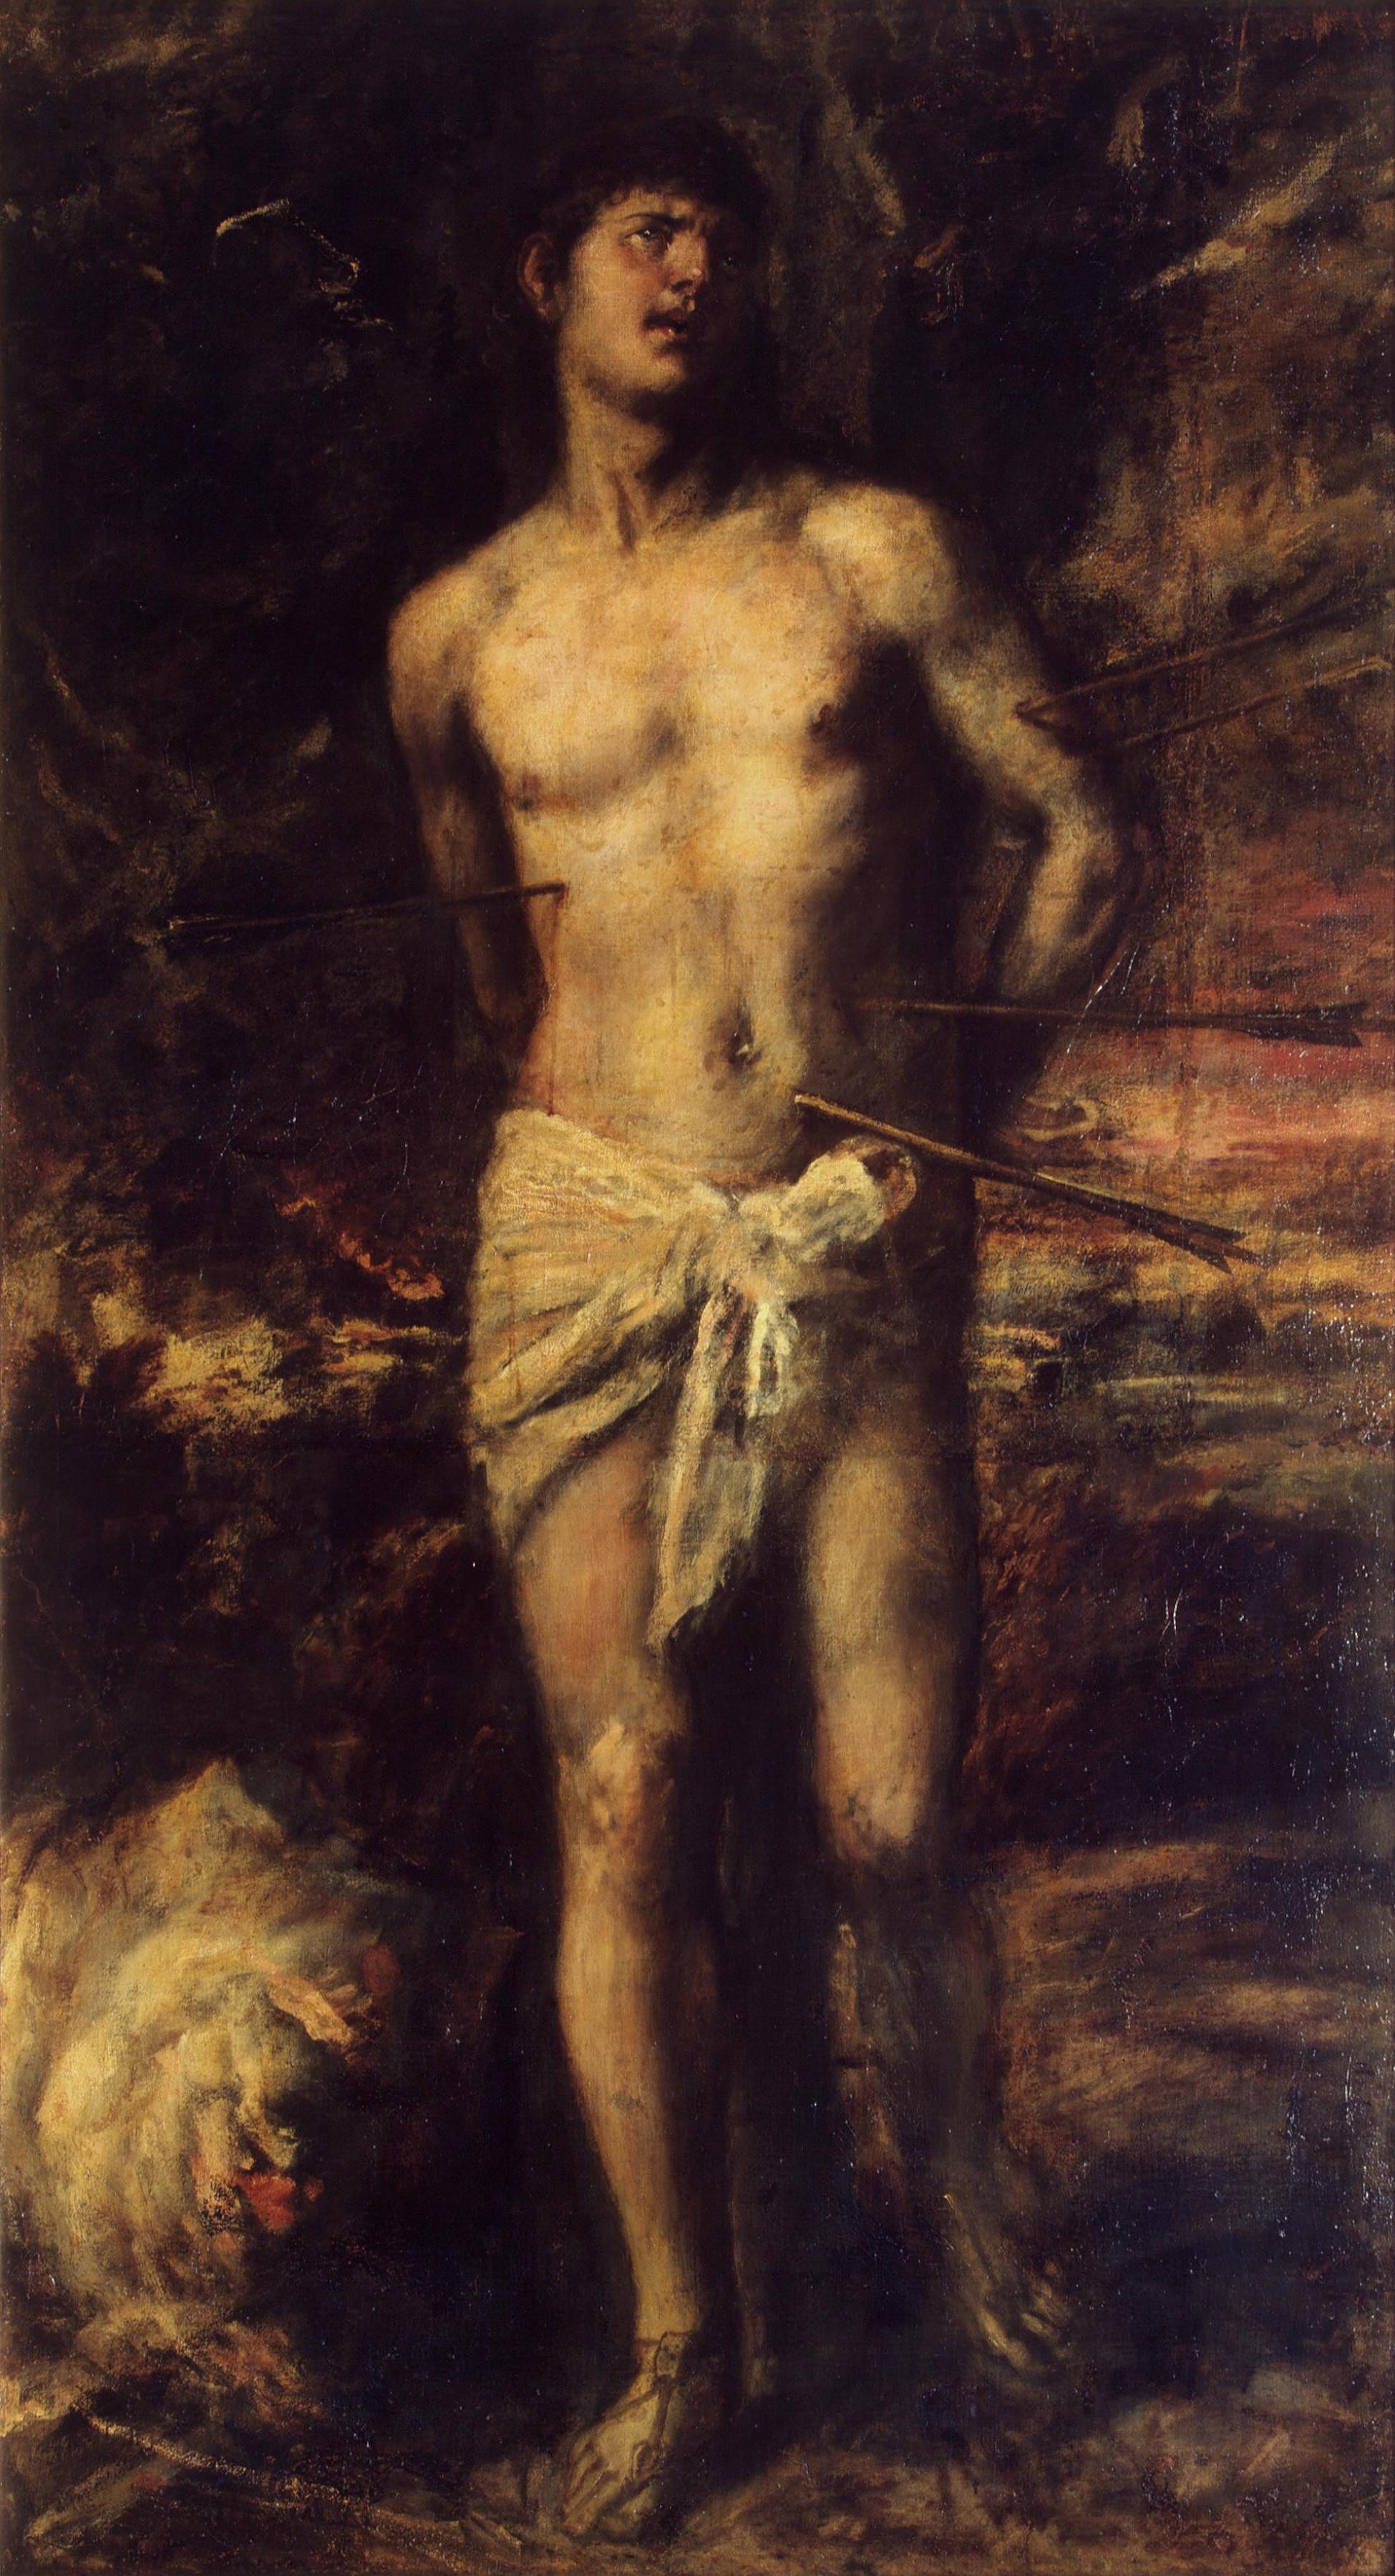 Тициан Вечеллио. Святой Себастьян